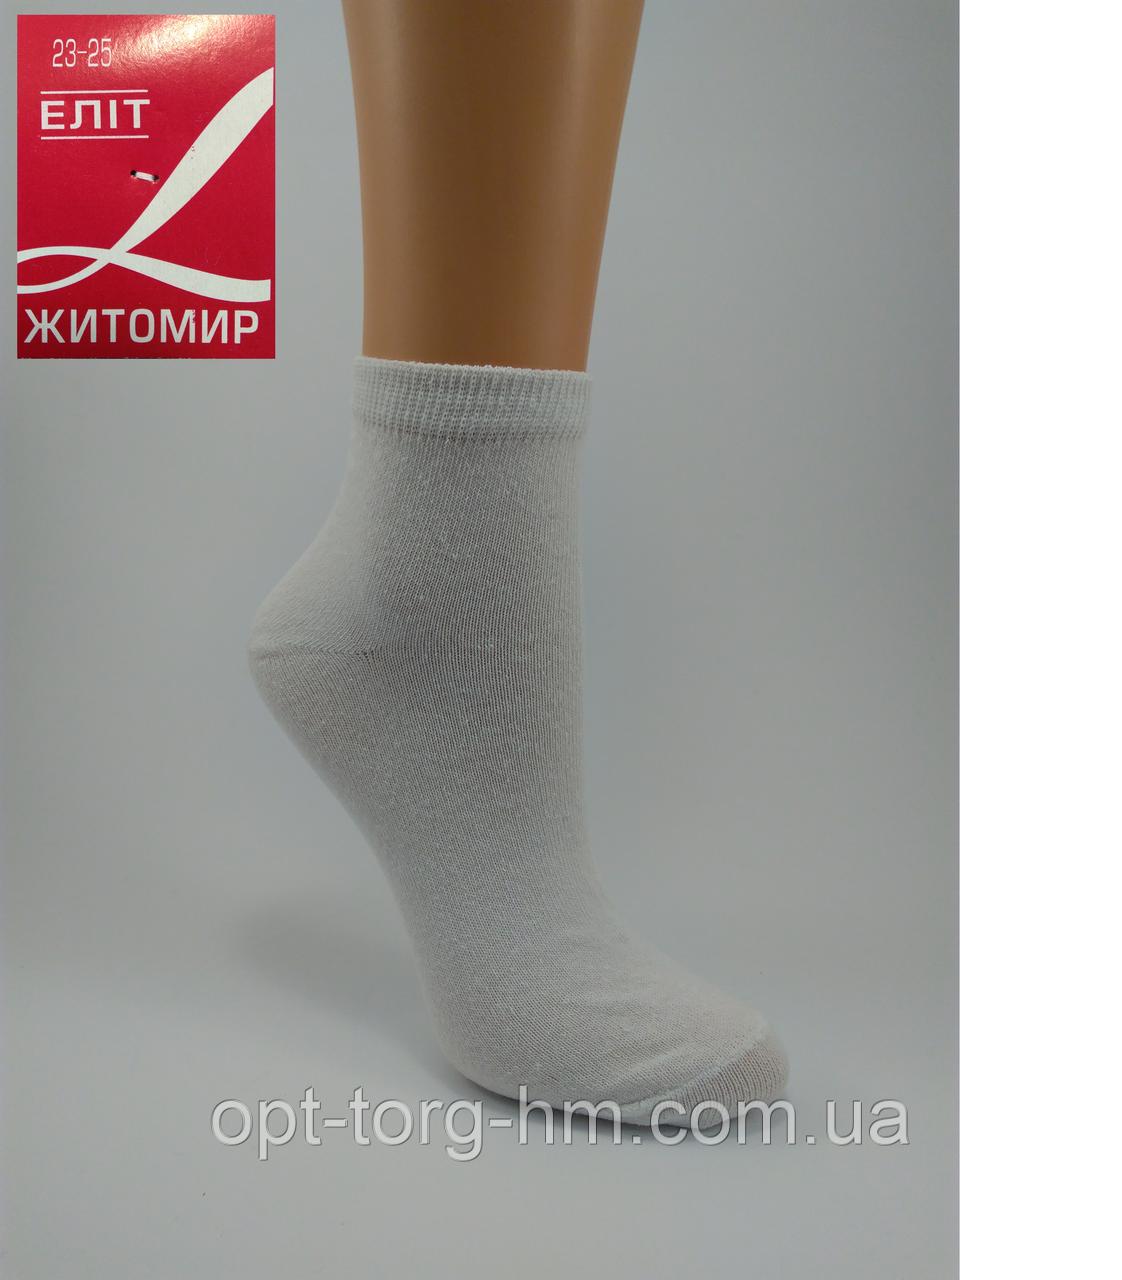 Белые носки 36-40р. Димисезонные